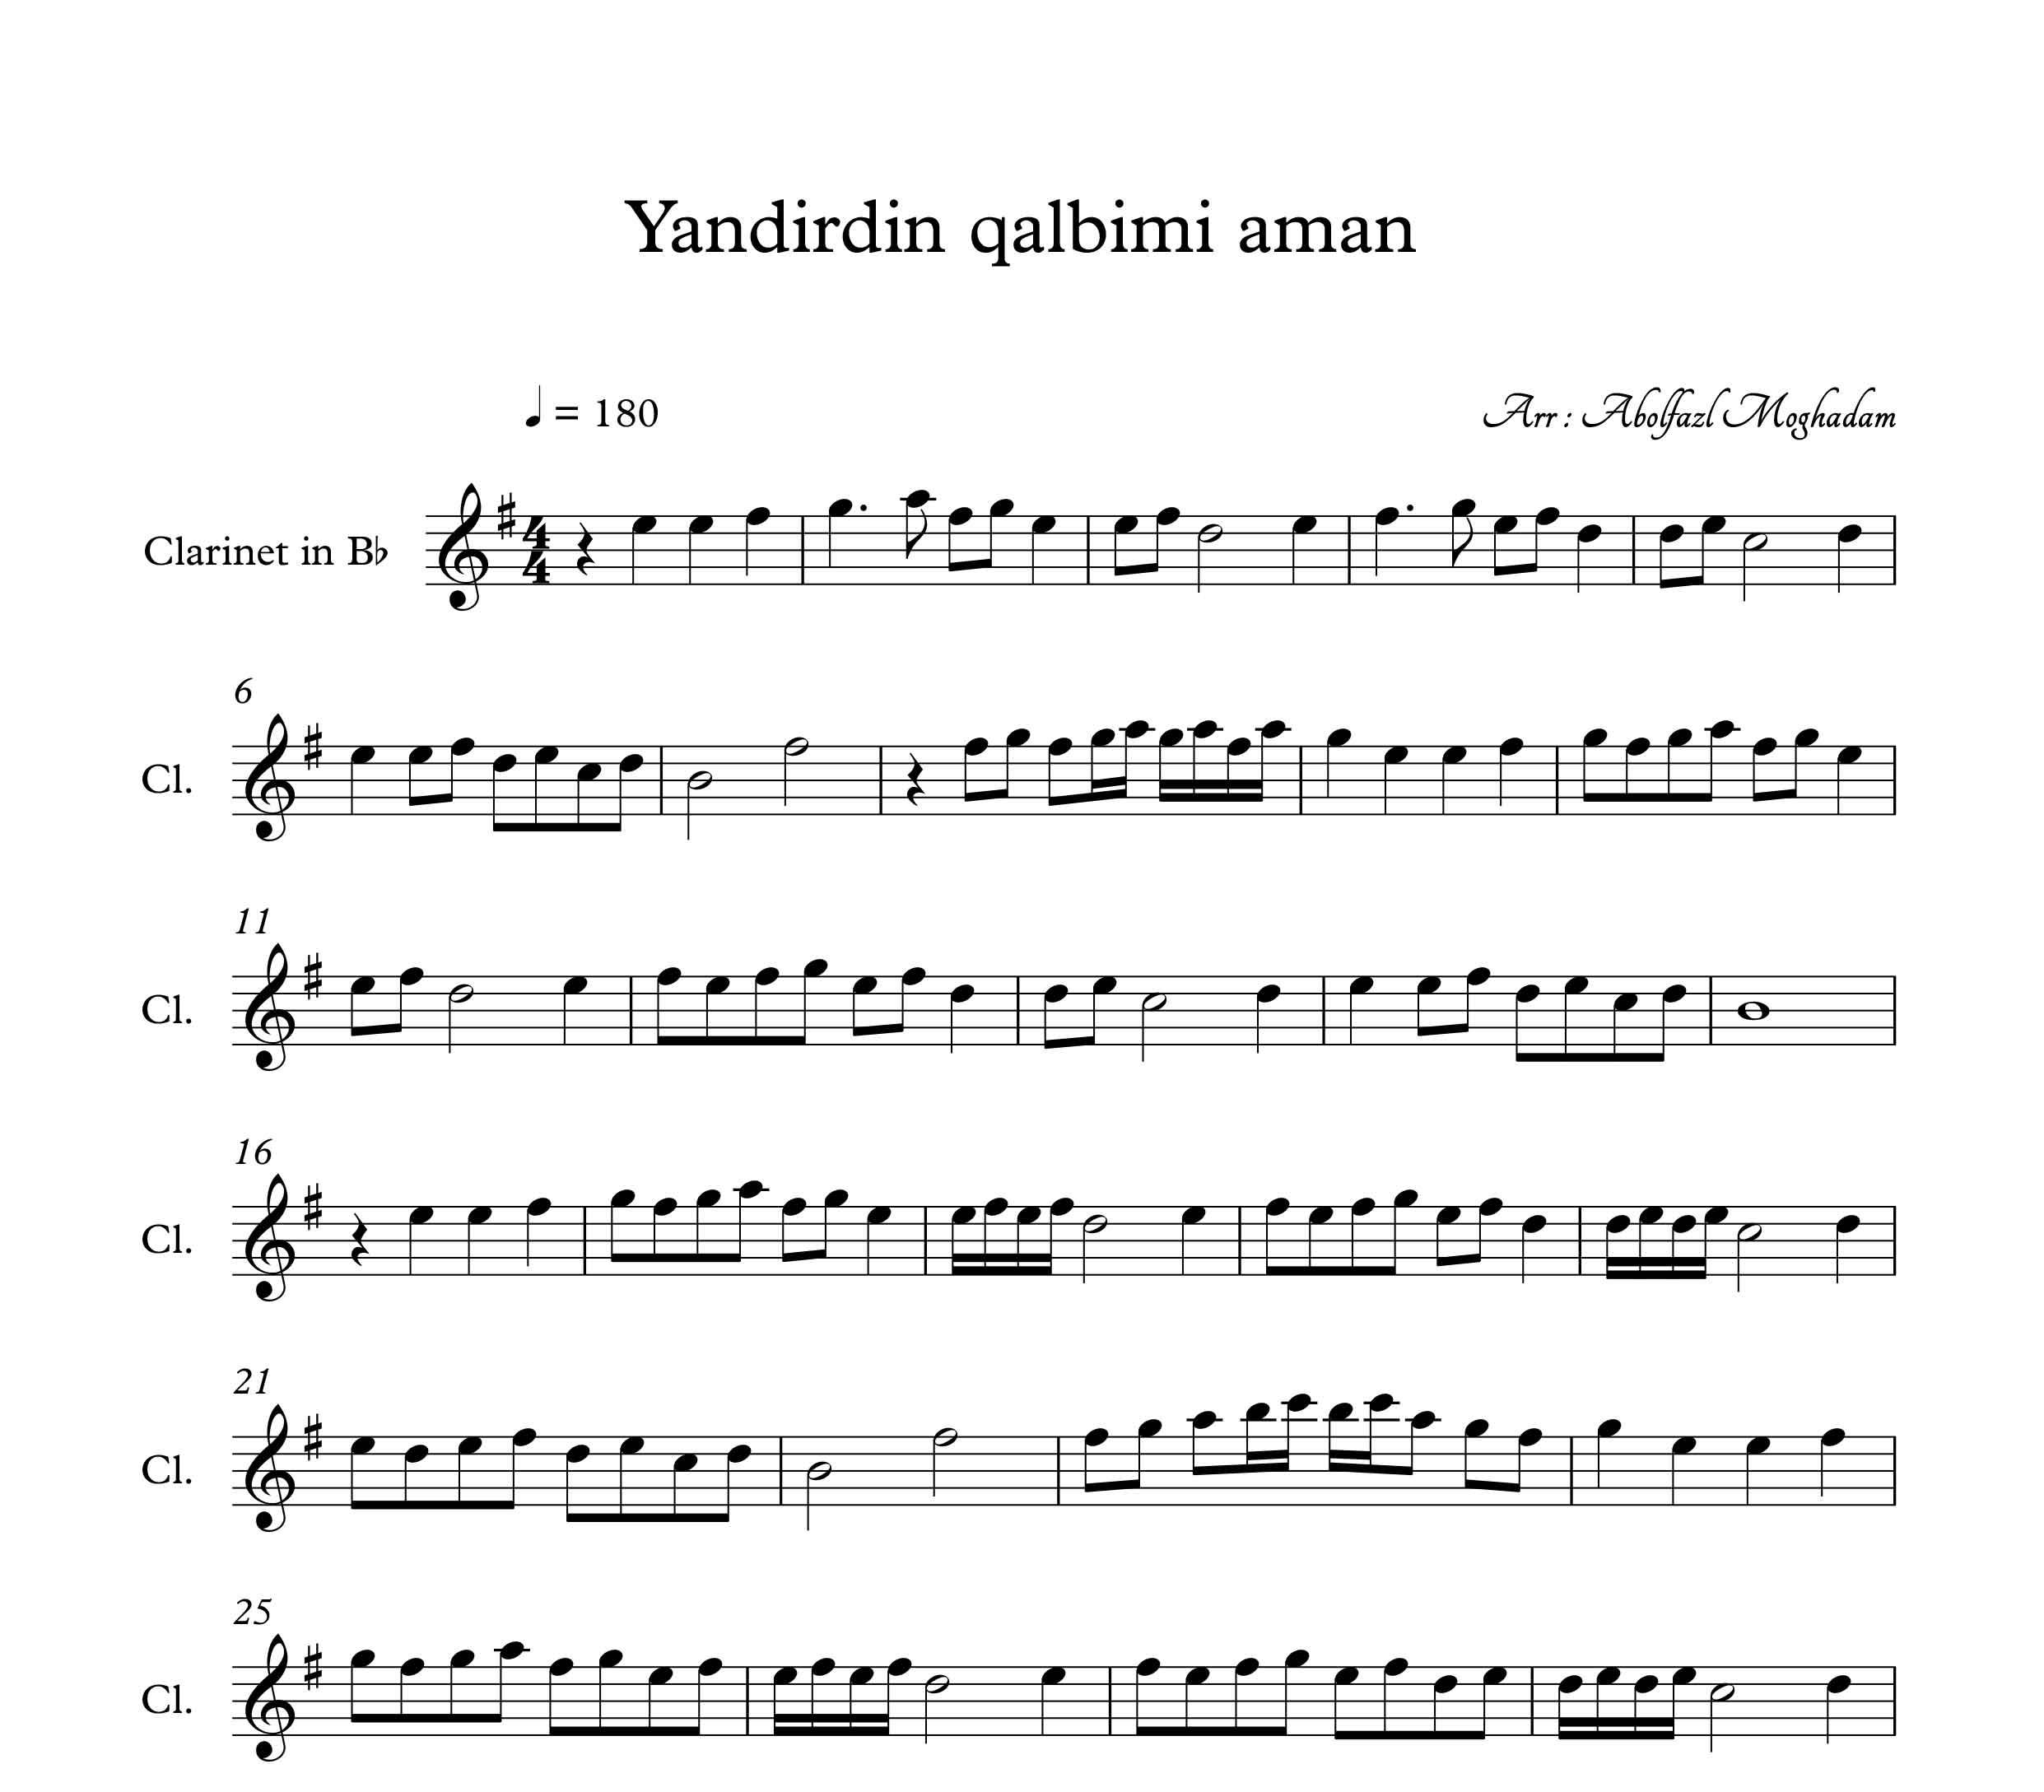 نت آهنگ آذربایجانی yandirdin qalbini aman برای کلارینت